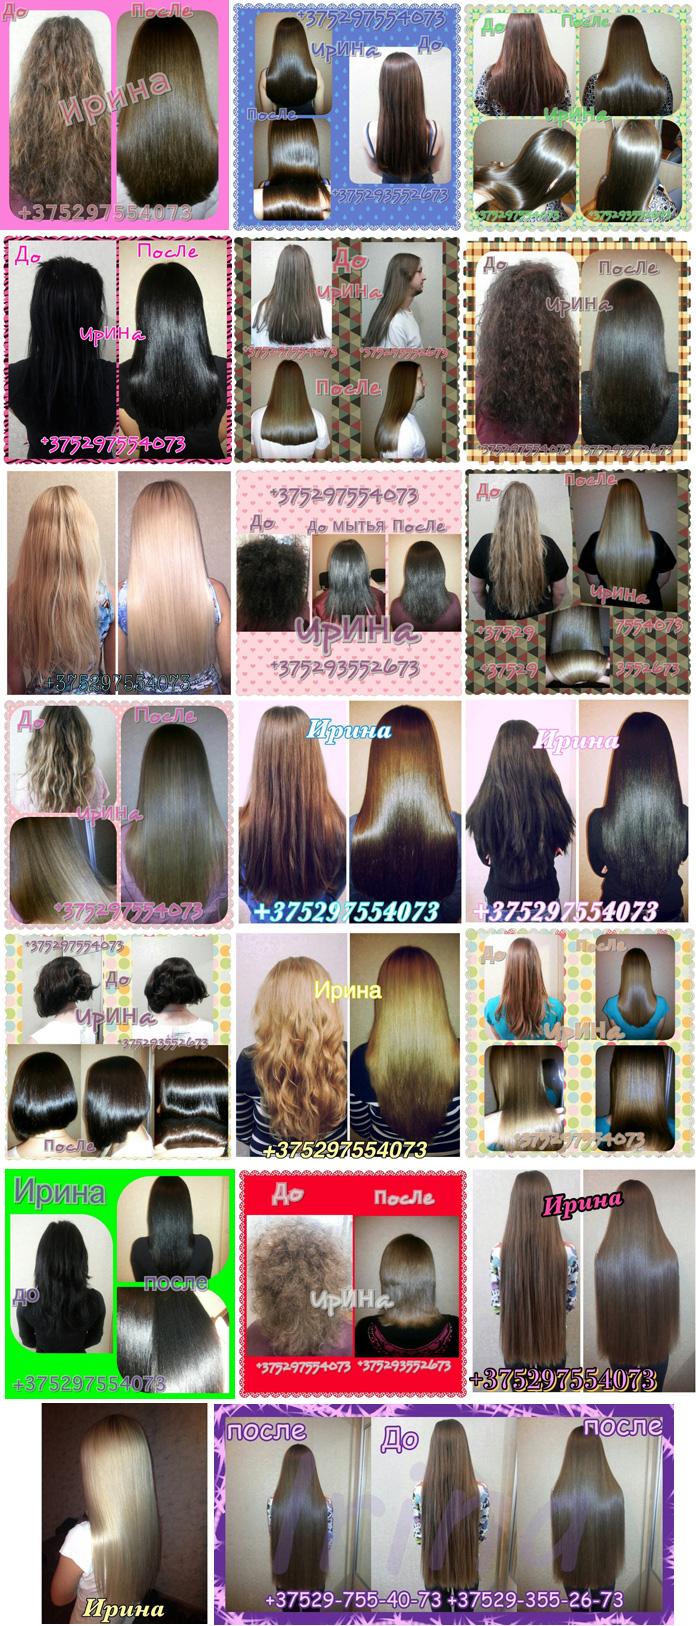 Бразильское кератиновое выпрямление и восстановление волос от 20 руб.